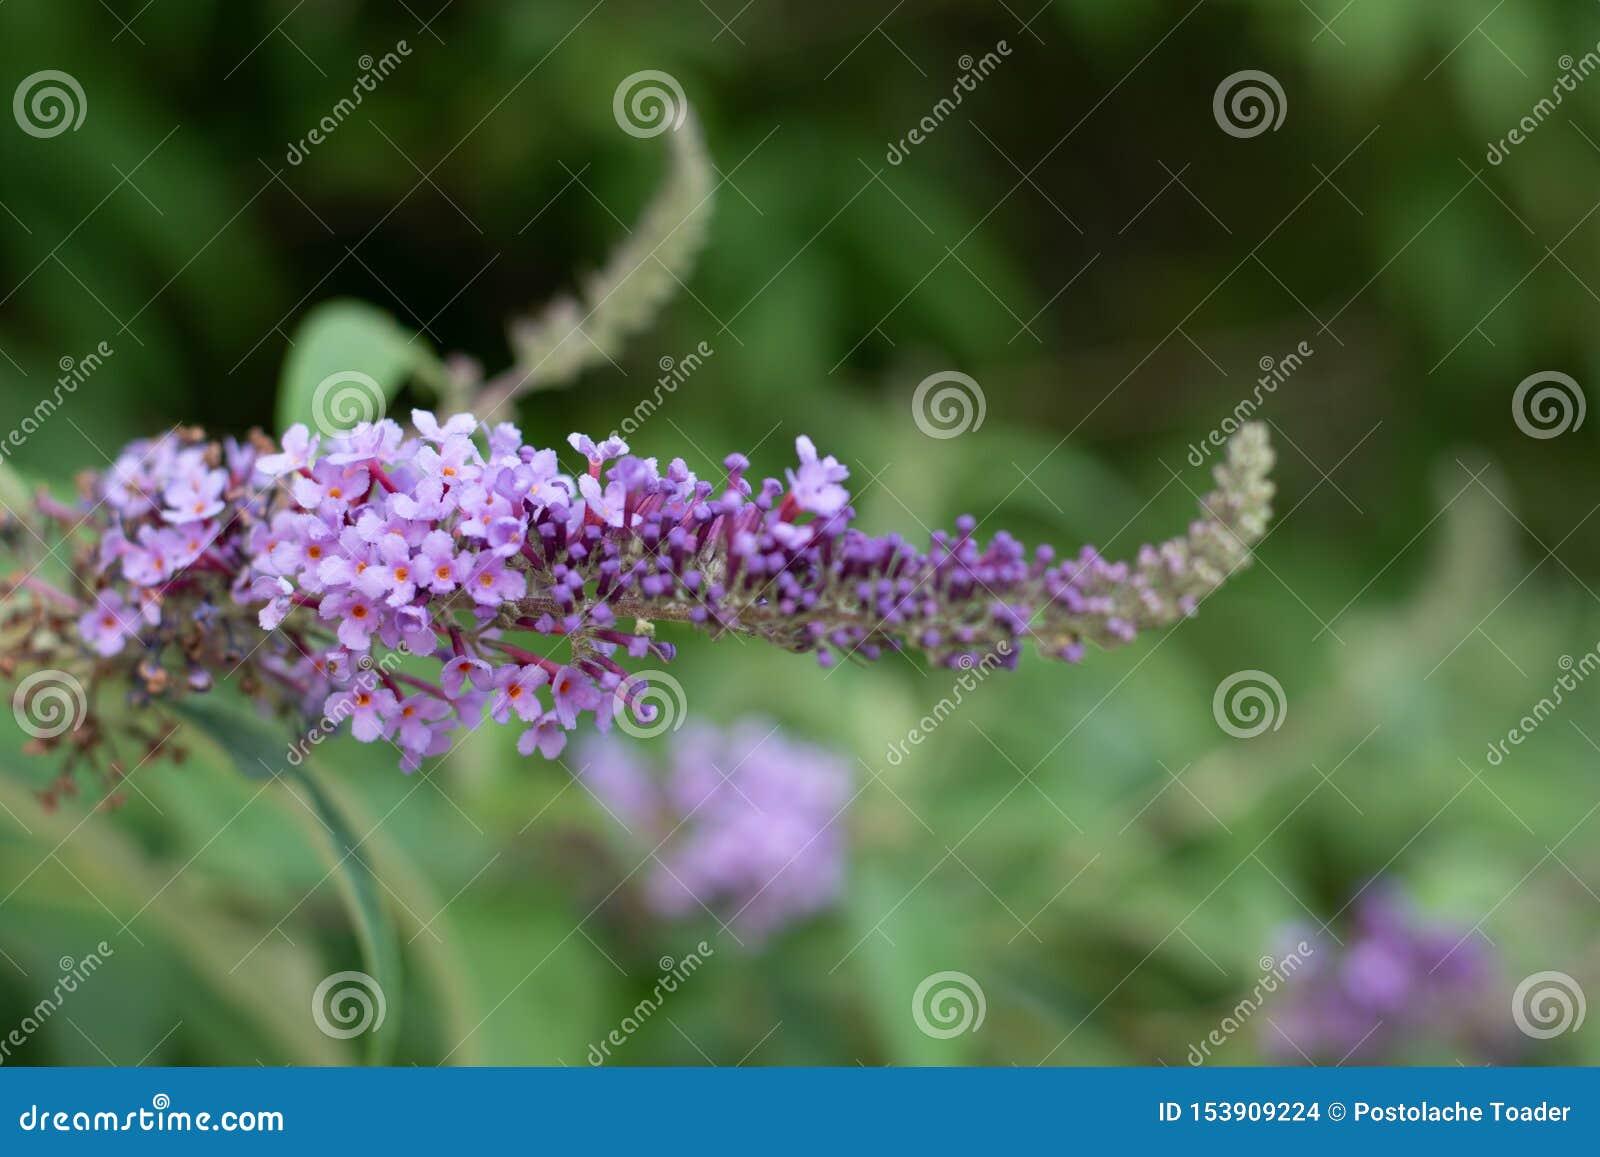 Vista ascendente cercana de la floración del davidii del Buddleia o del Buddleia de Buddleja La planta se conoce comúnmente como